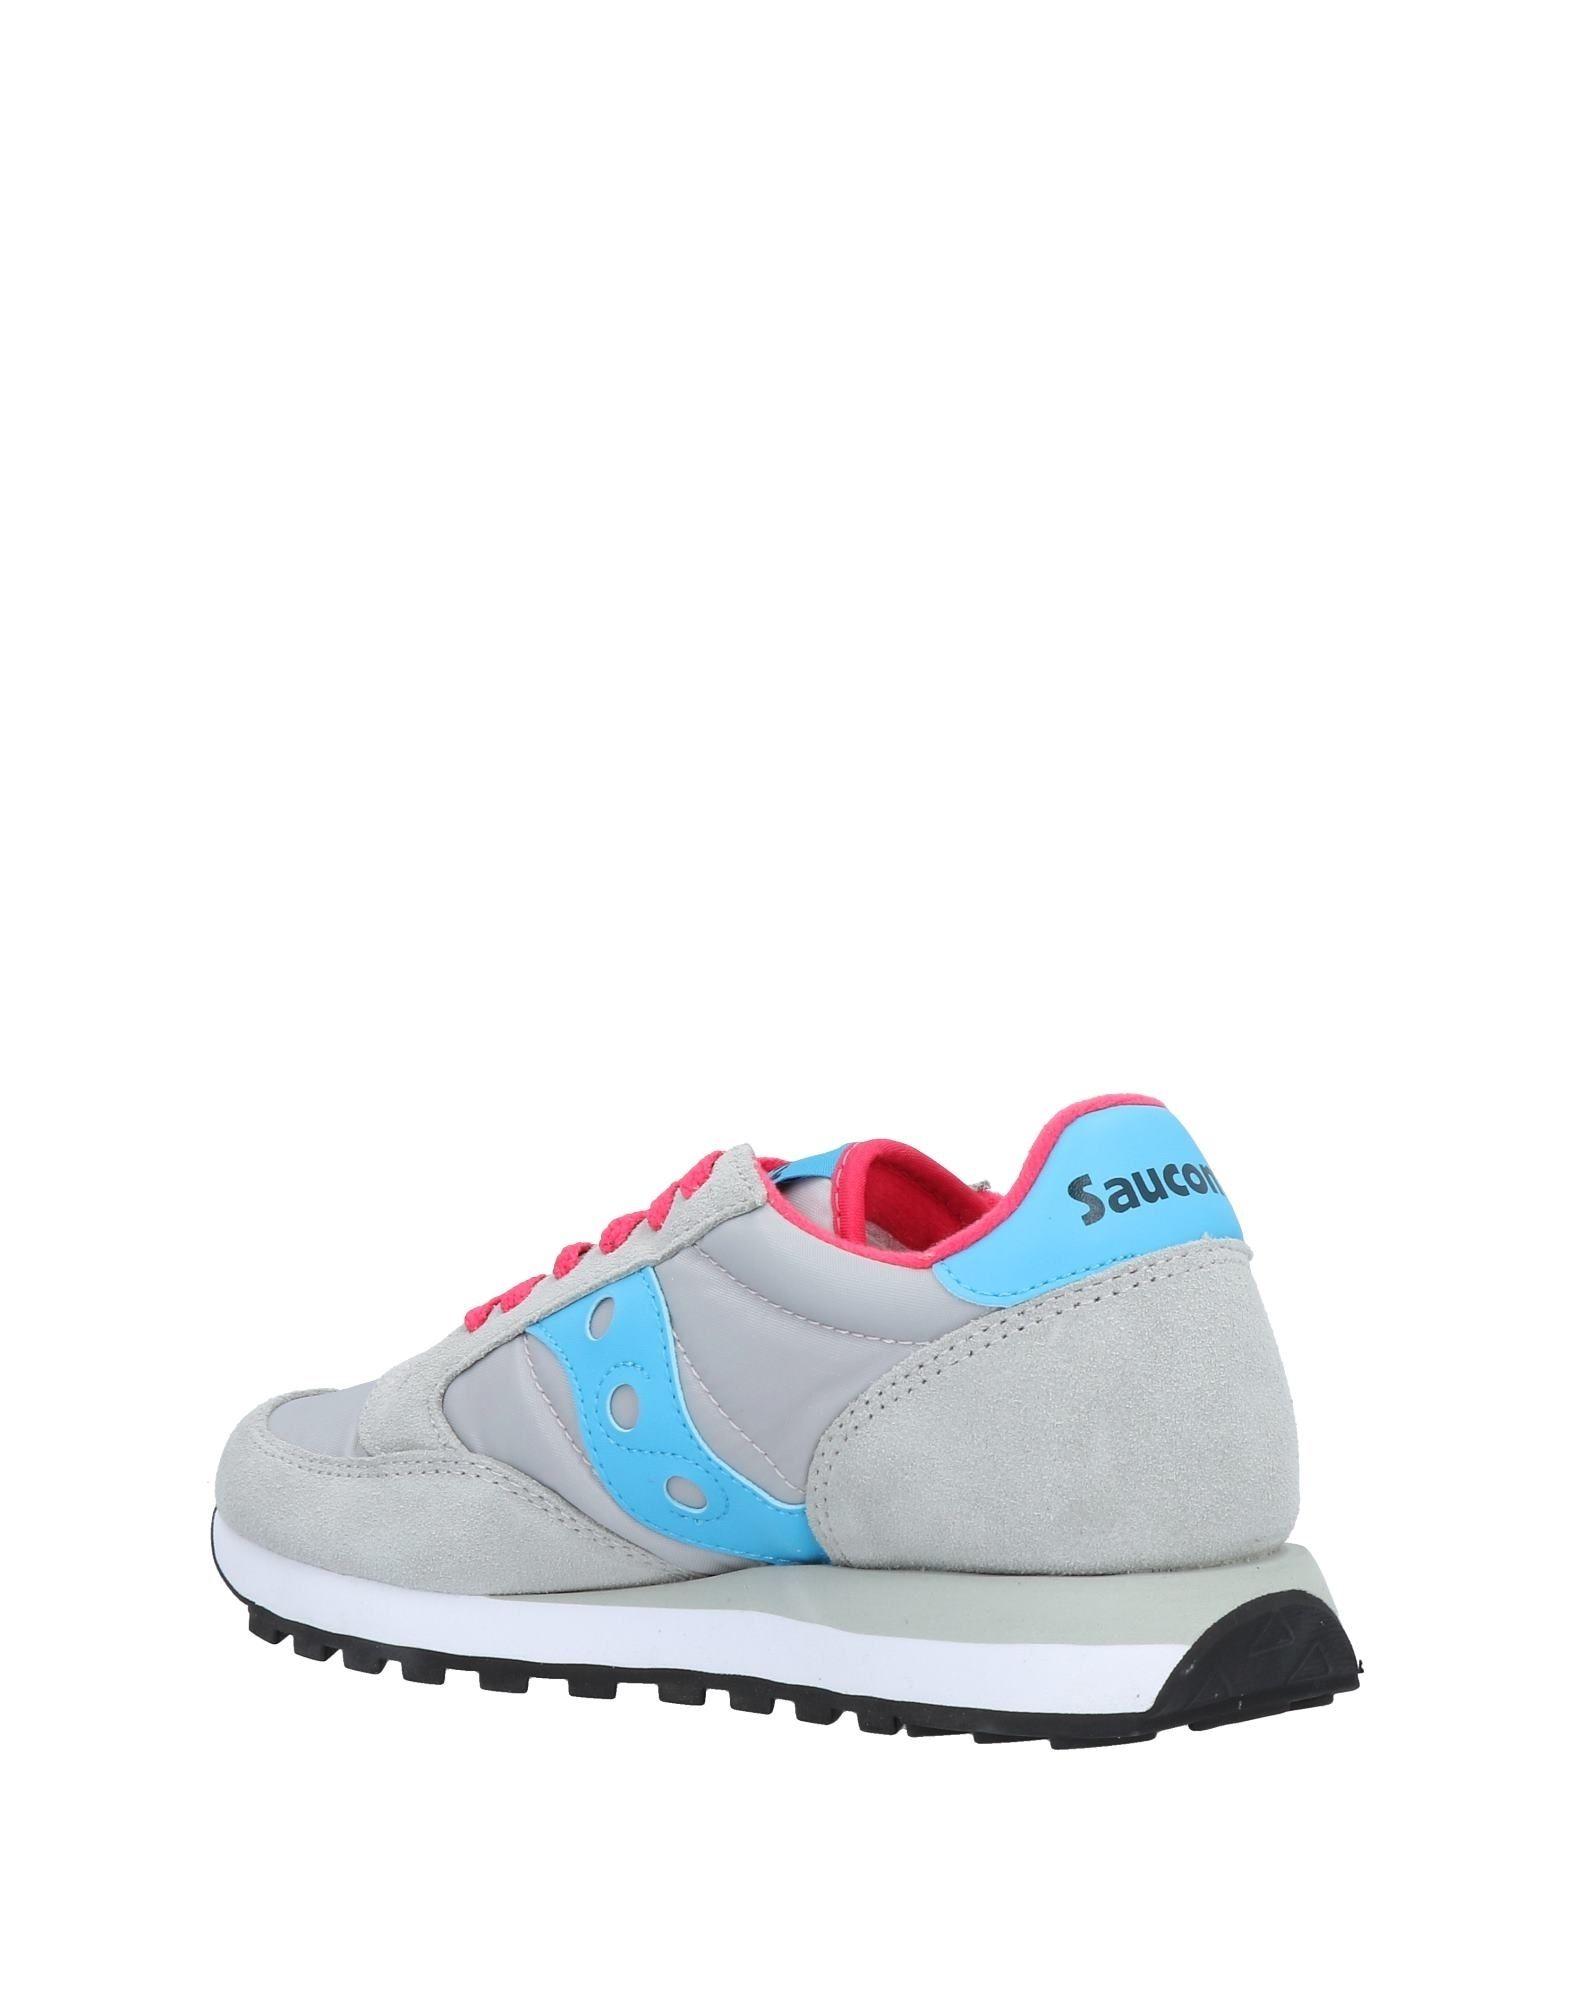 Saucony Sneakers Damen Gutes Preis-Leistungs-Verhältnis, Preis-Leistungs-Verhältnis, Preis-Leistungs-Verhältnis, es lohnt sich 543d6c